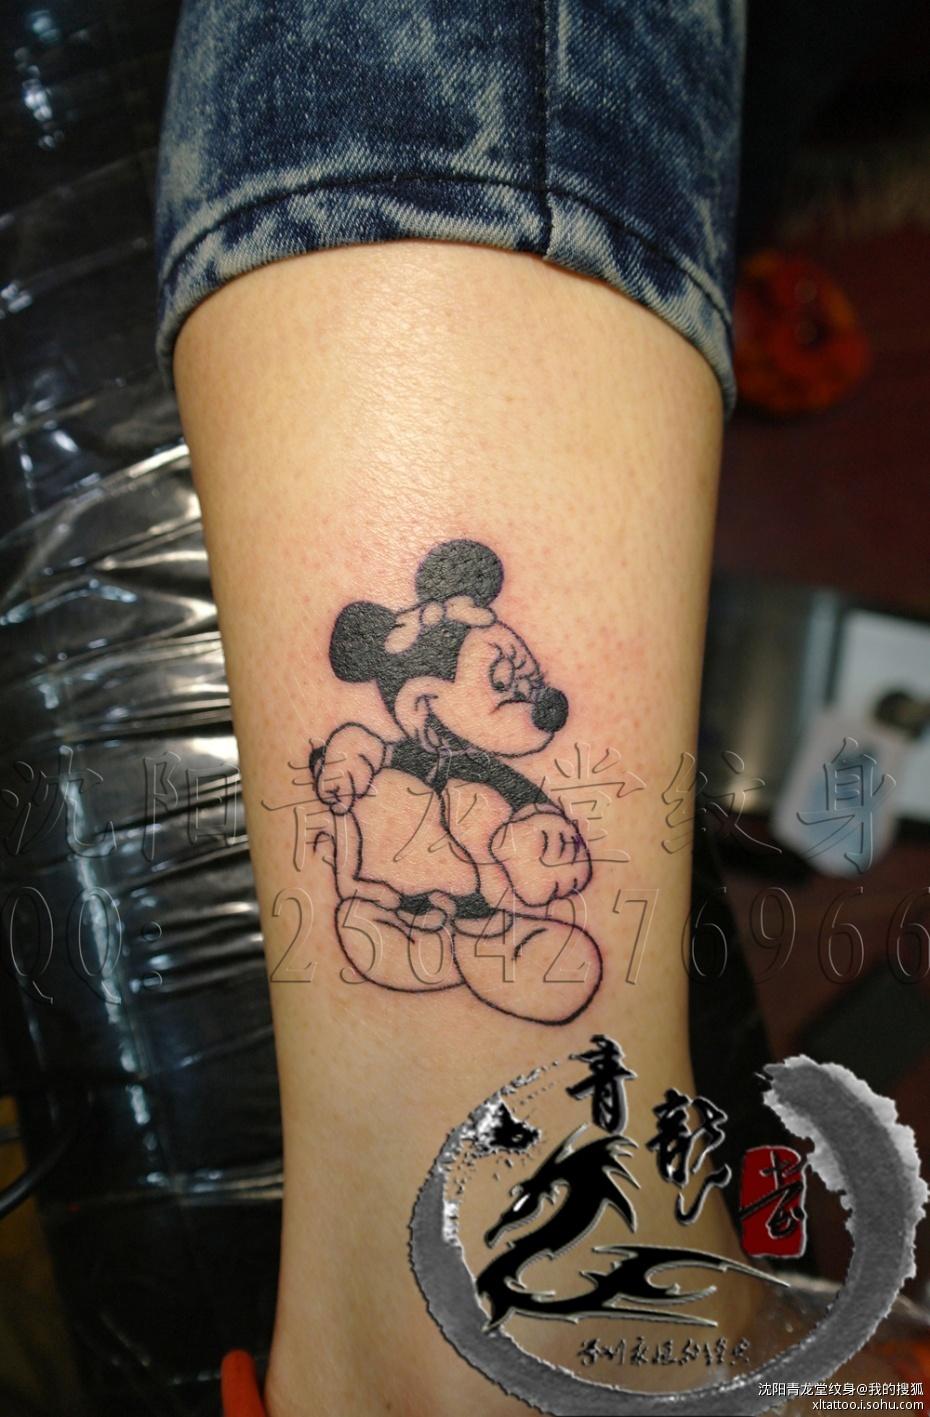 常见纹身部位有:脚面纹身,脚踝纹身,小腿纹身,大腿纹身,包小腿纹身图片